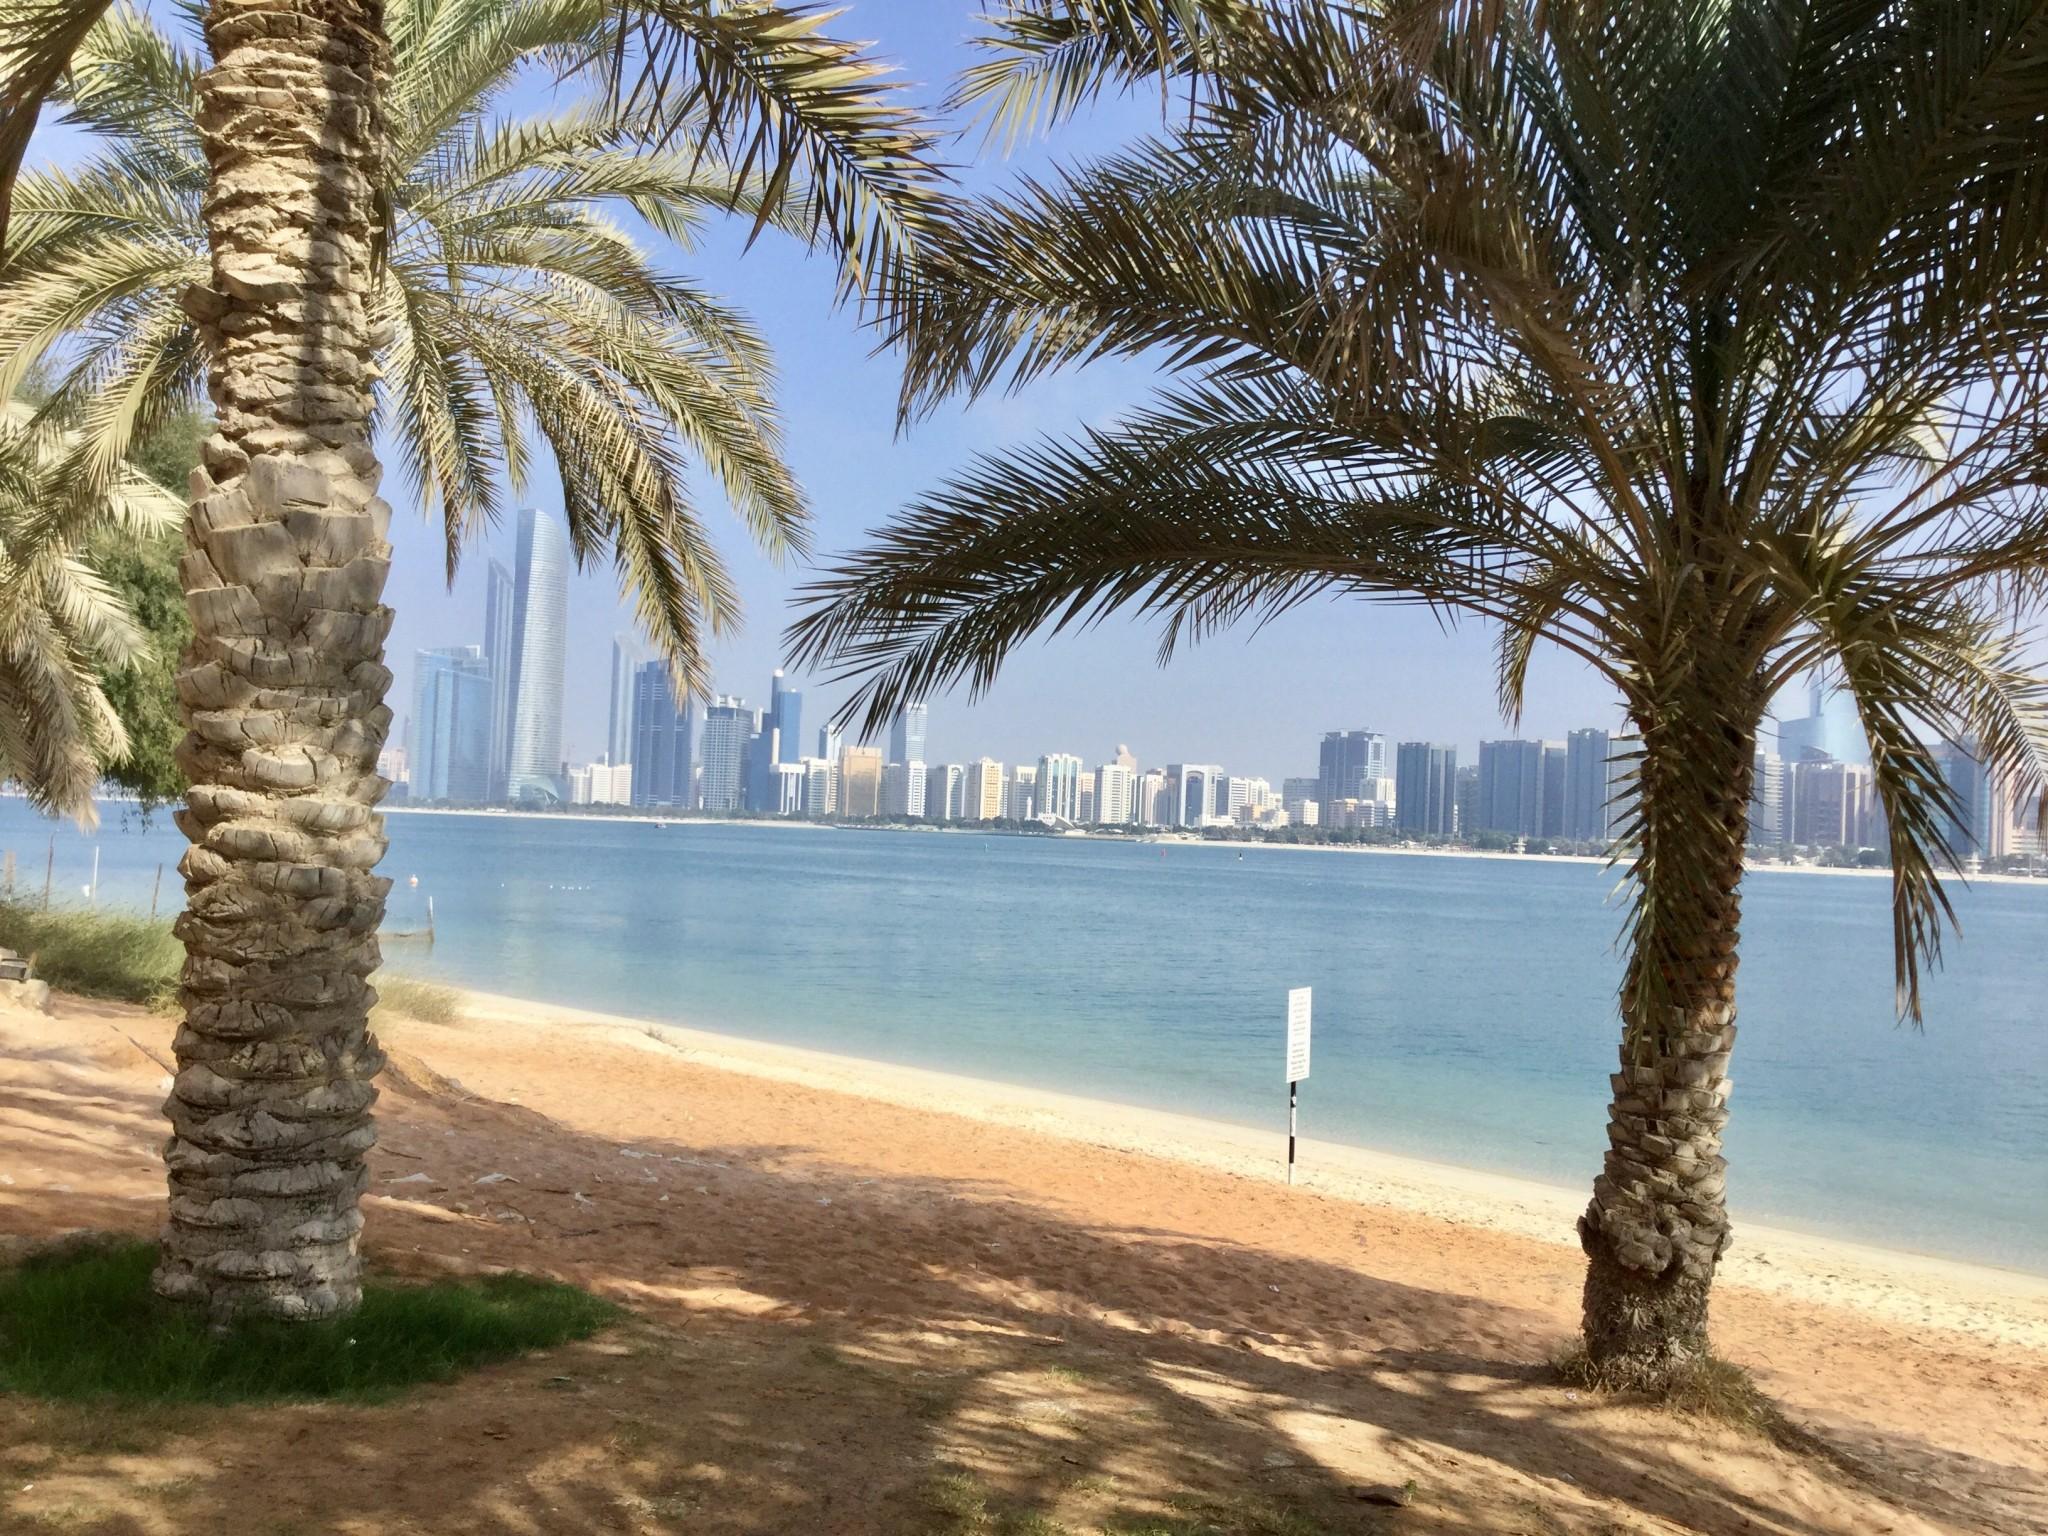 Abu Dhabin palmurantaa ja pilvenpiirtäjiä